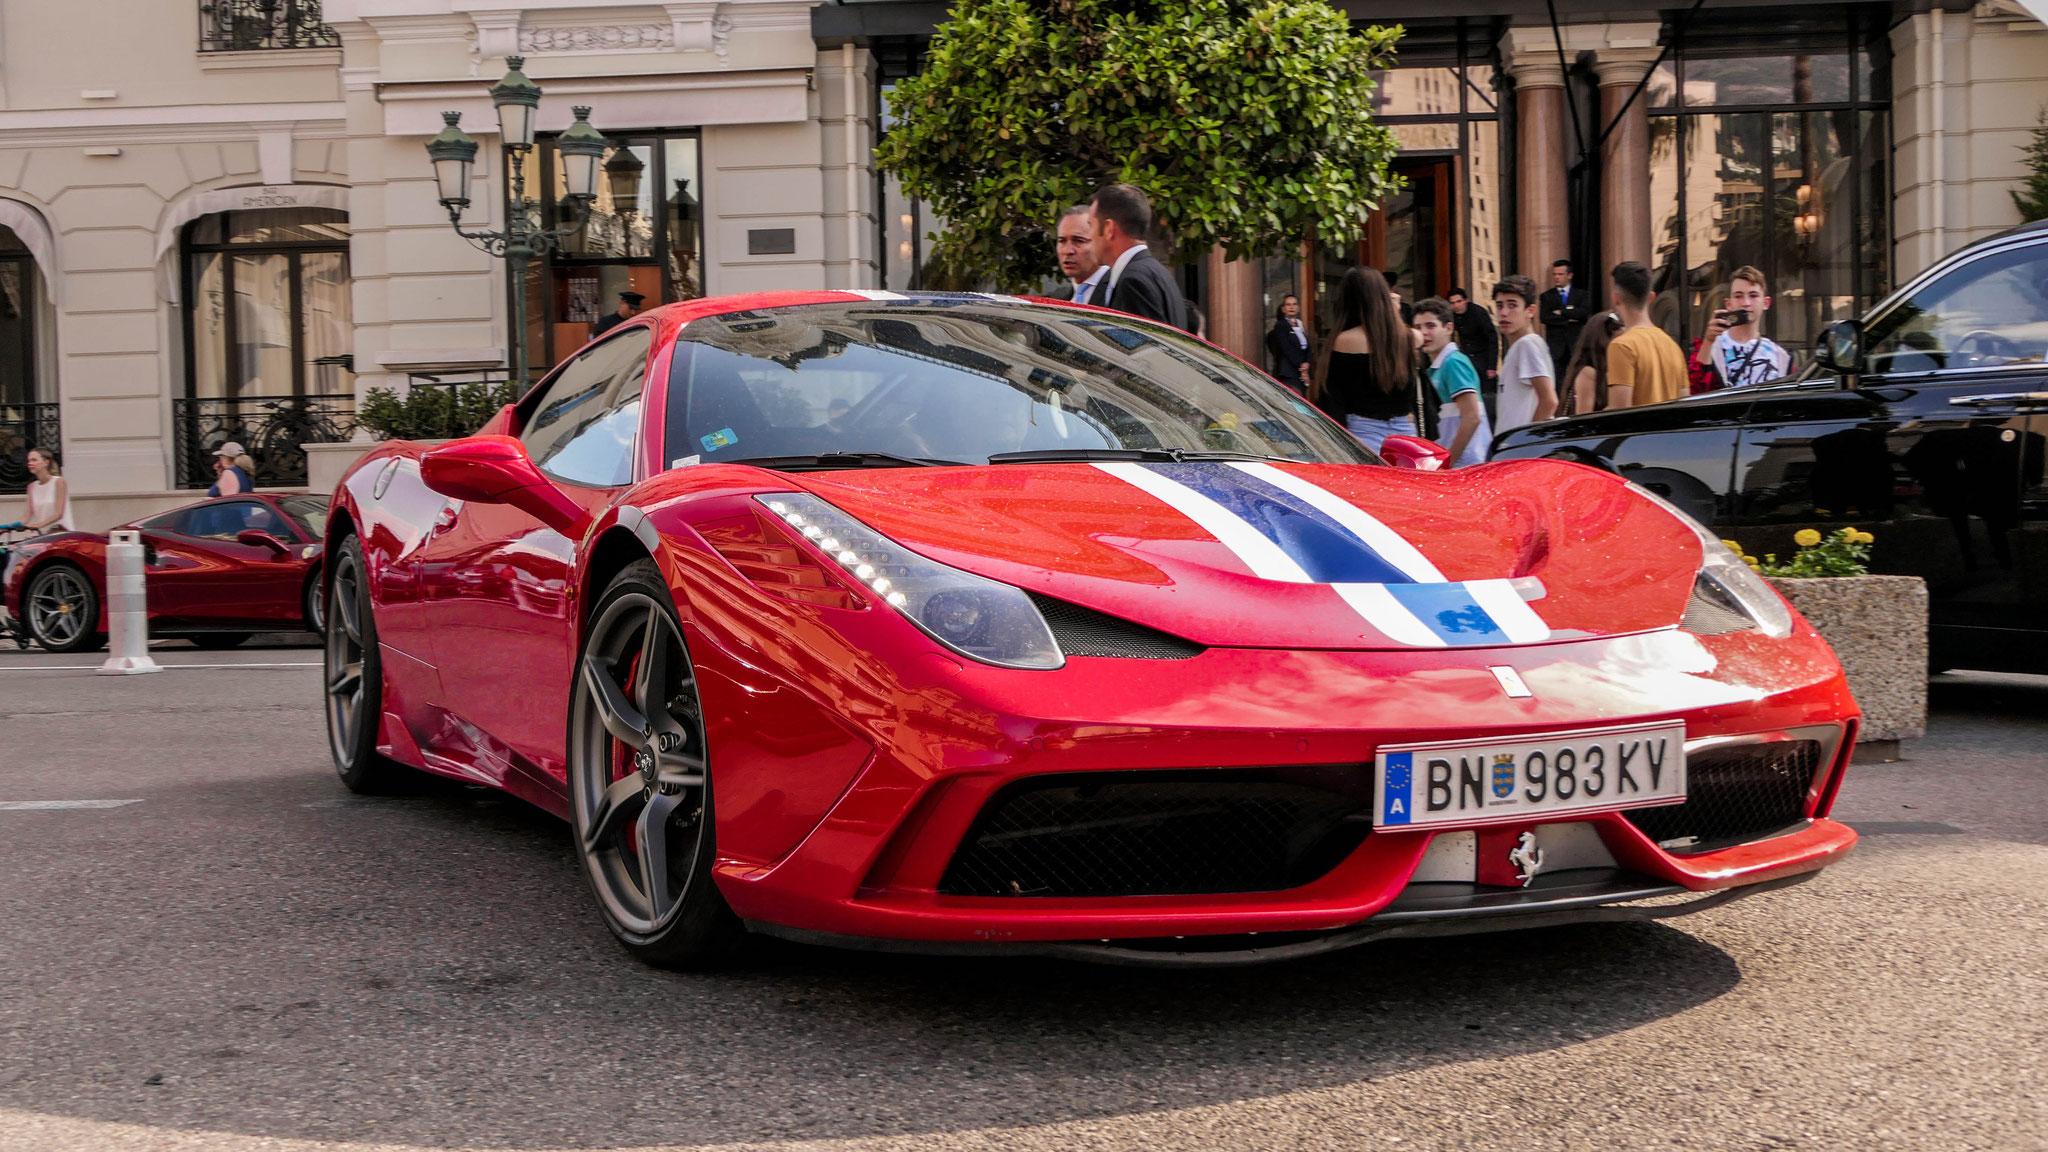 Ferrari 458 Speciale - BN-983-KV (AUT)